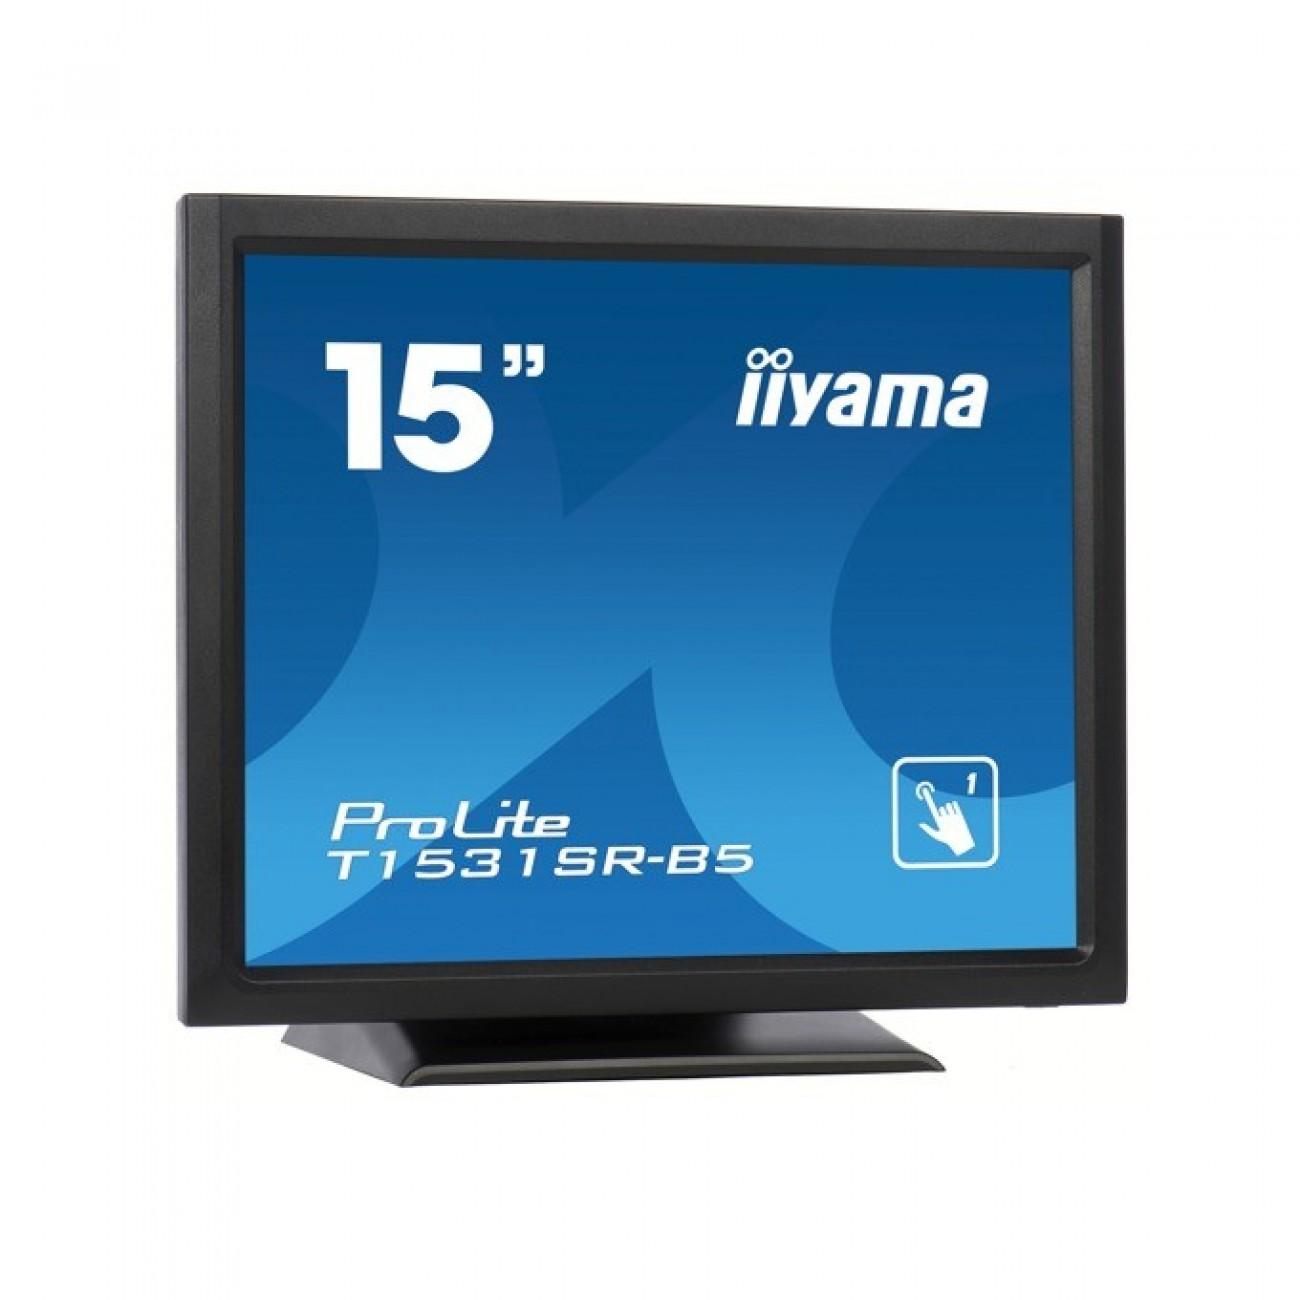 Монитор Iiyama ProLite T1531SR-B5, 15 (38.1 cm), TN панел, XGA (1024x768), 8ms, 700:1, 300cd/m2, DP, HDMI, VGA в Монитори - Iiyama   Alleop